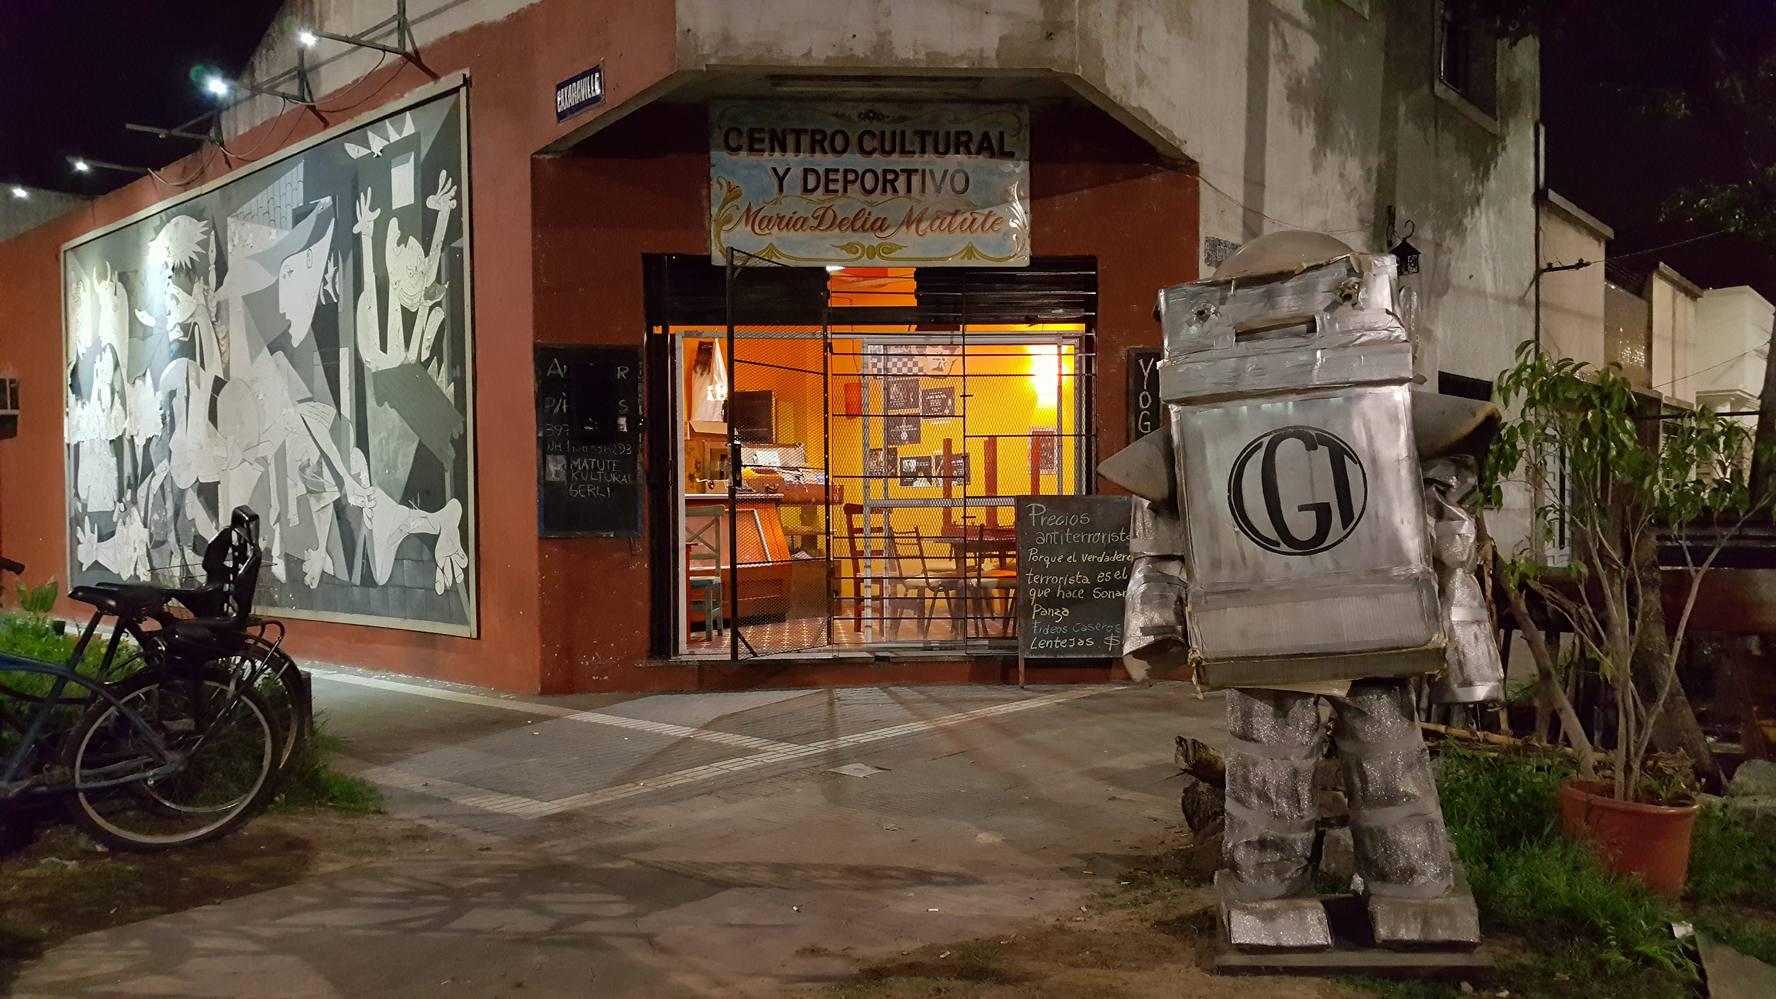 Centro cultural Matute.jpg - Centro Cultural El Matute Cultural